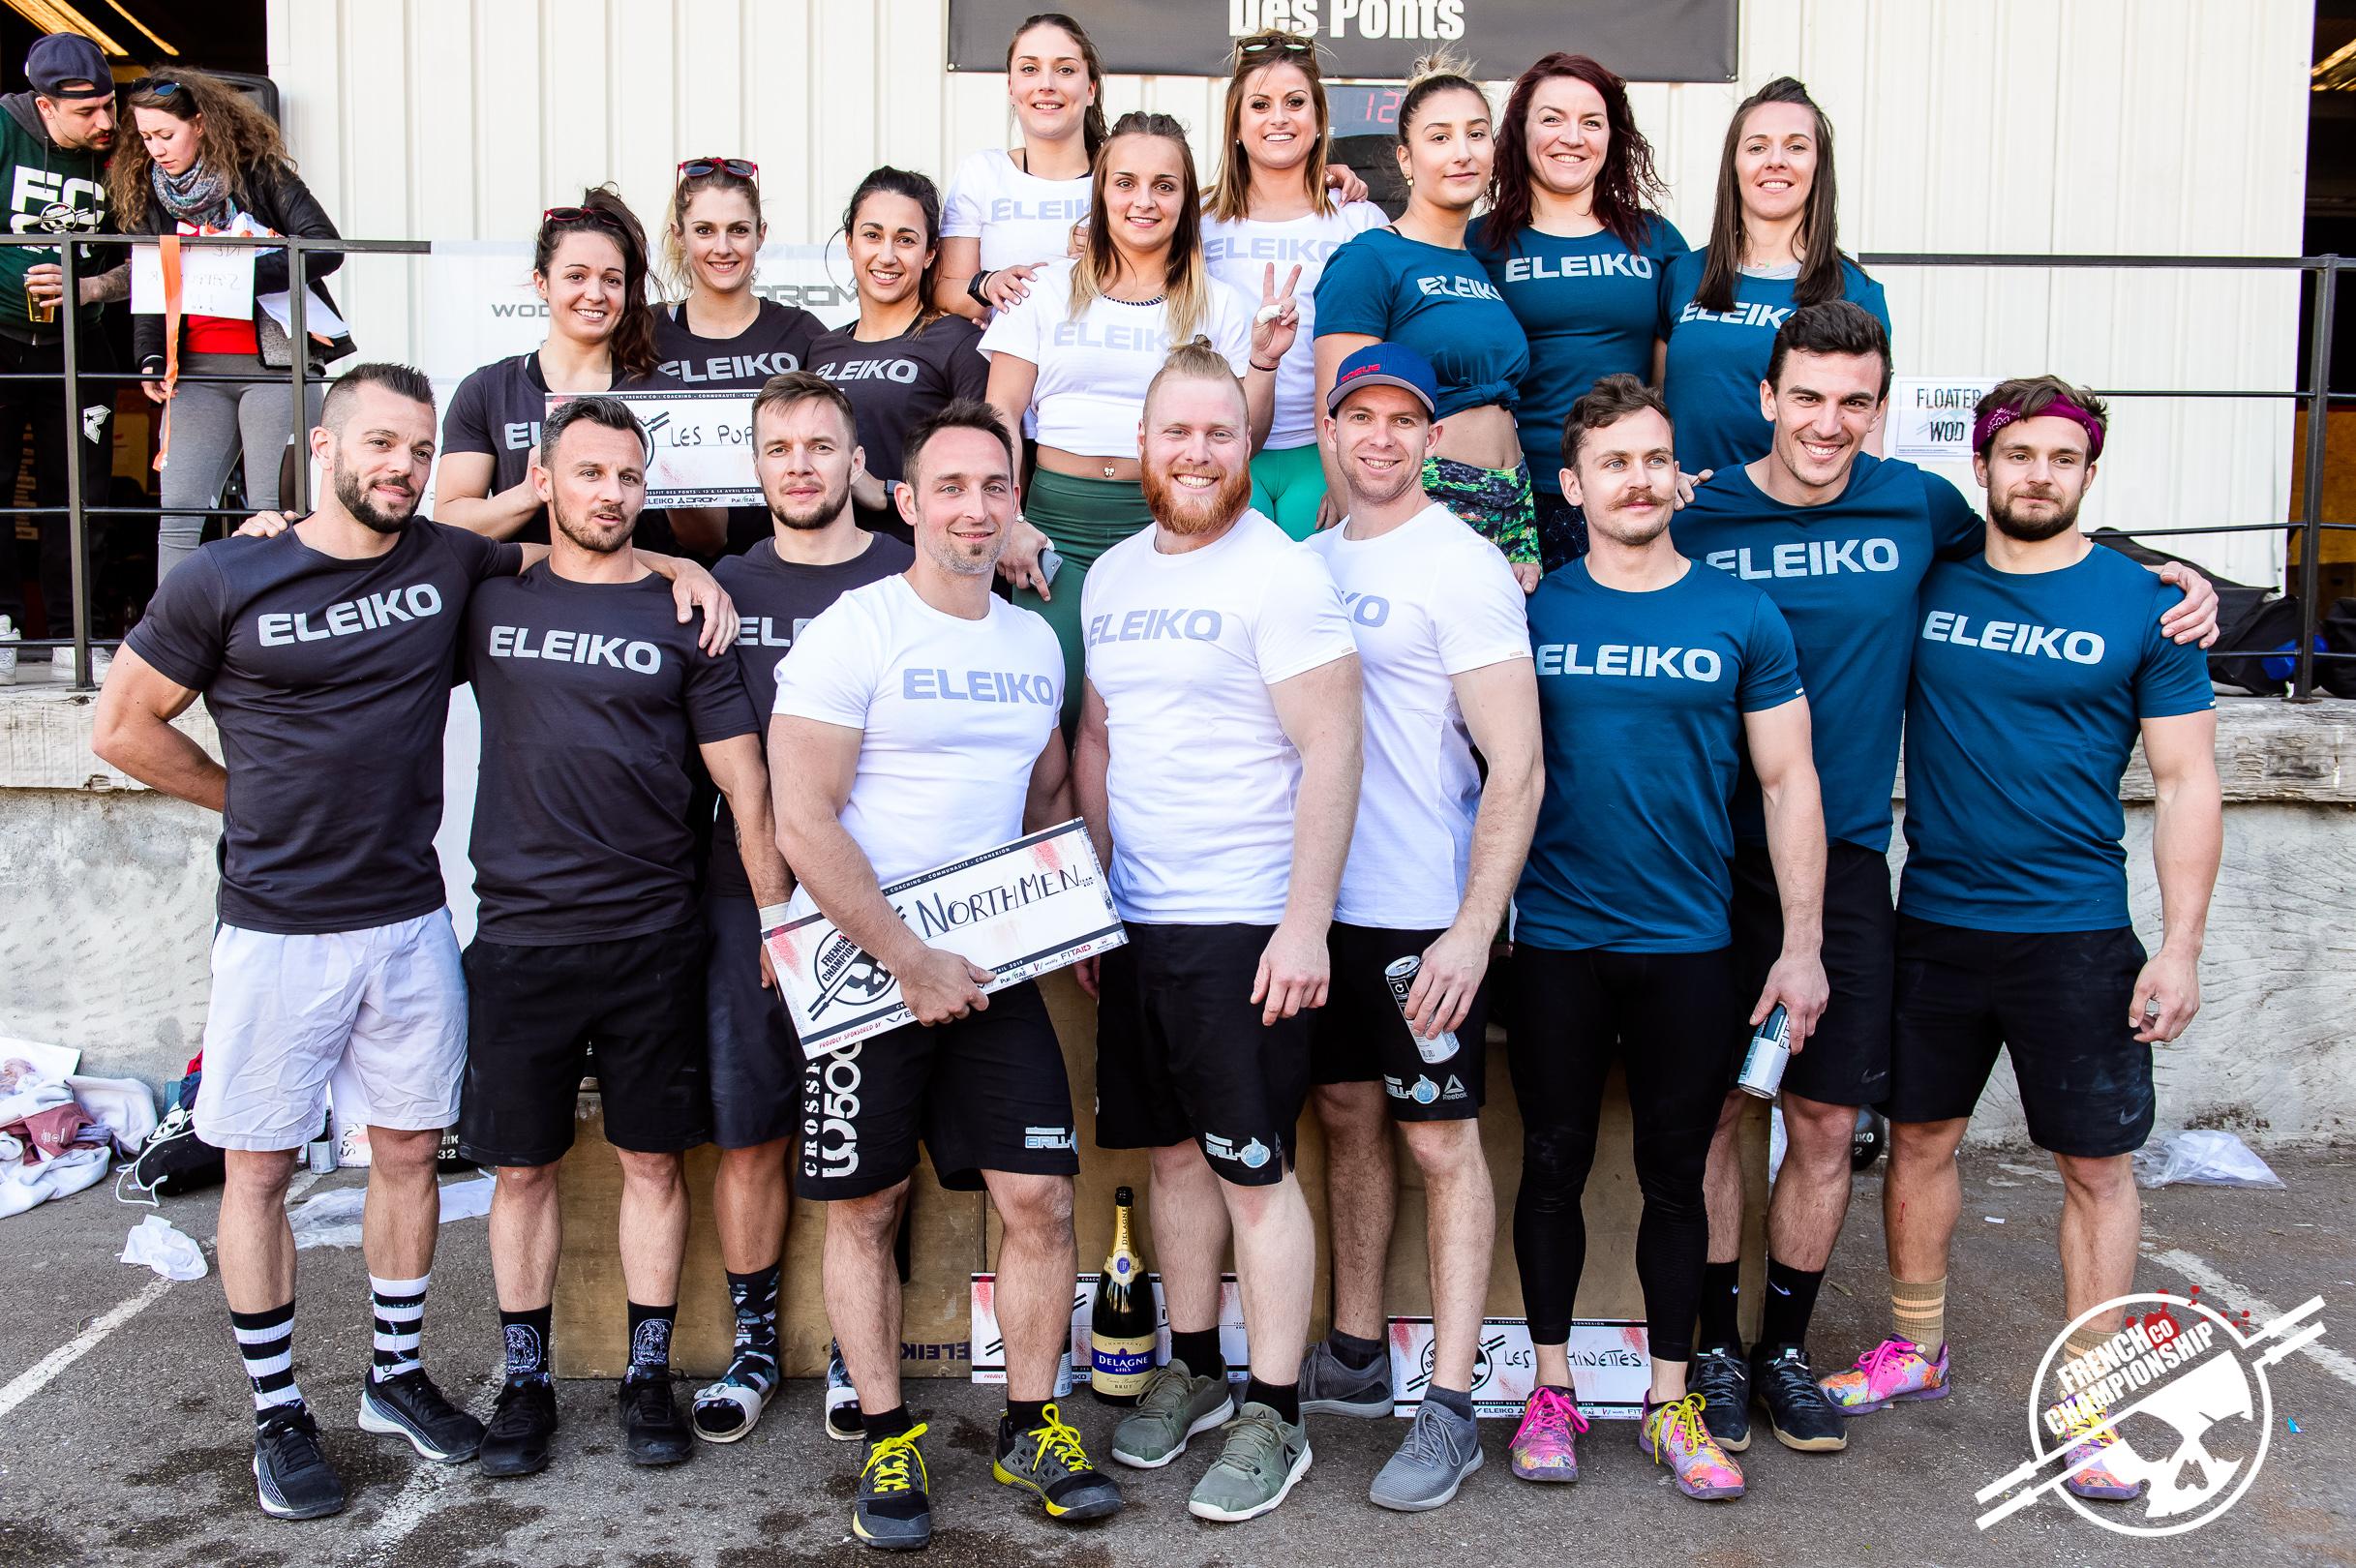 Récapitulatif : La French Co Championship 2019 Event #1 @ CrossFit Des Ponts